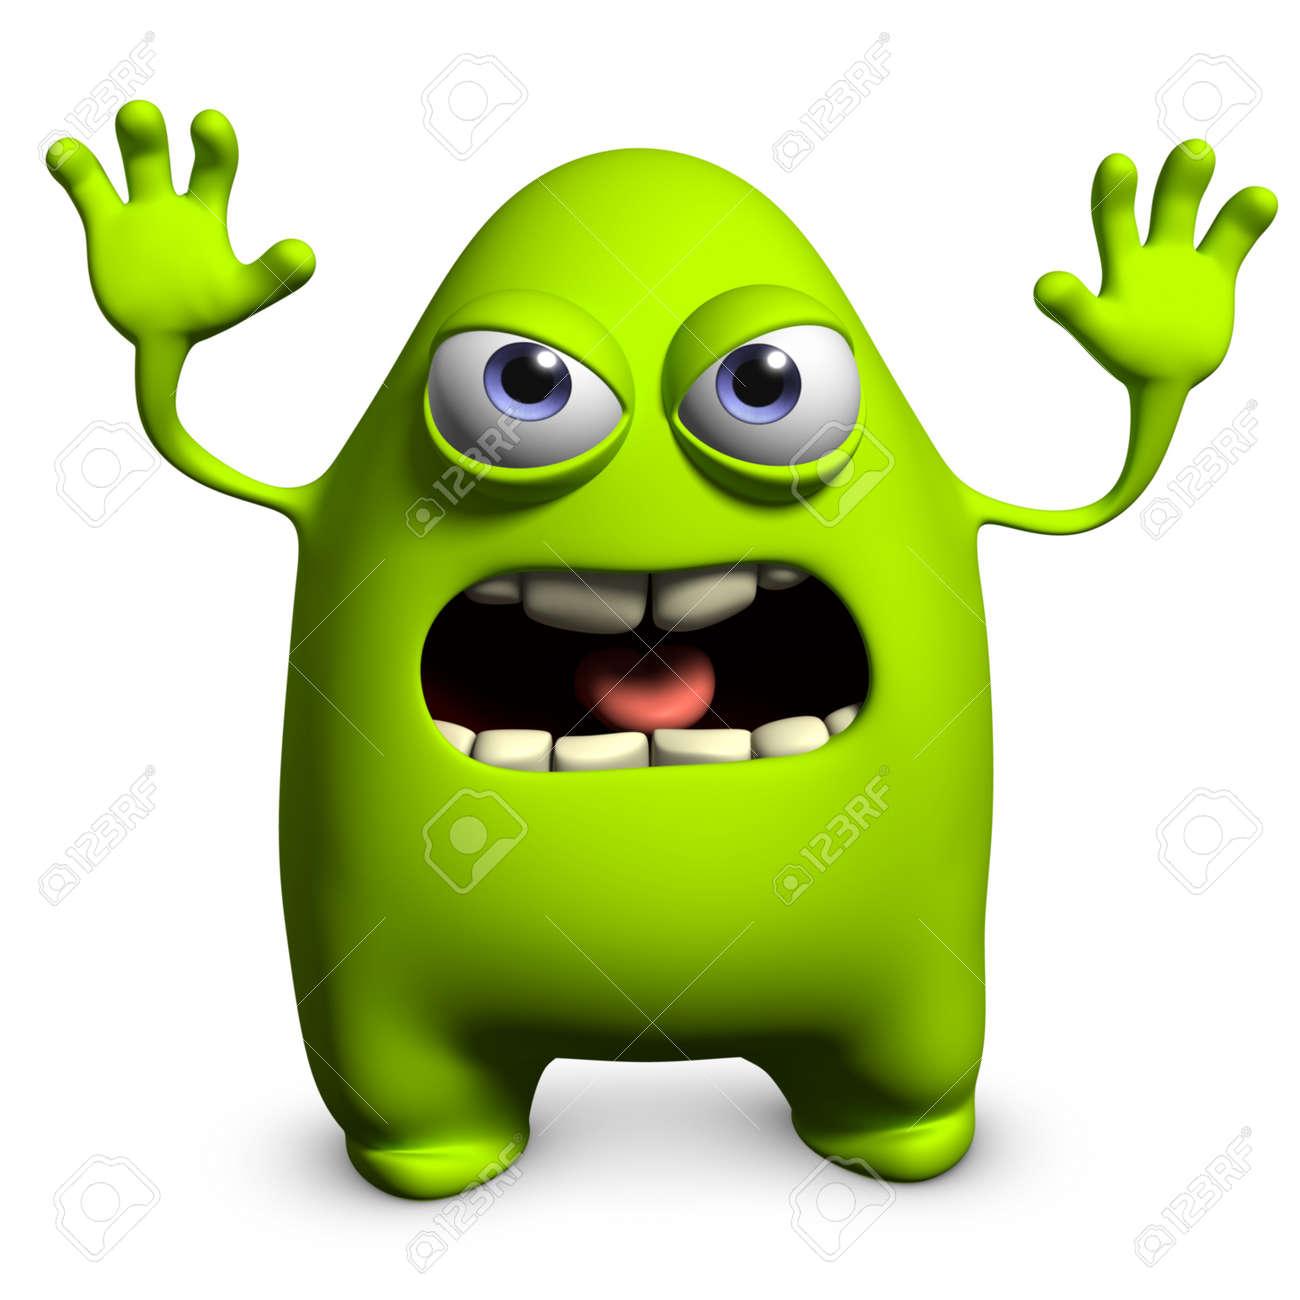 3d cartoon cute monster Stock Photo - 15743668